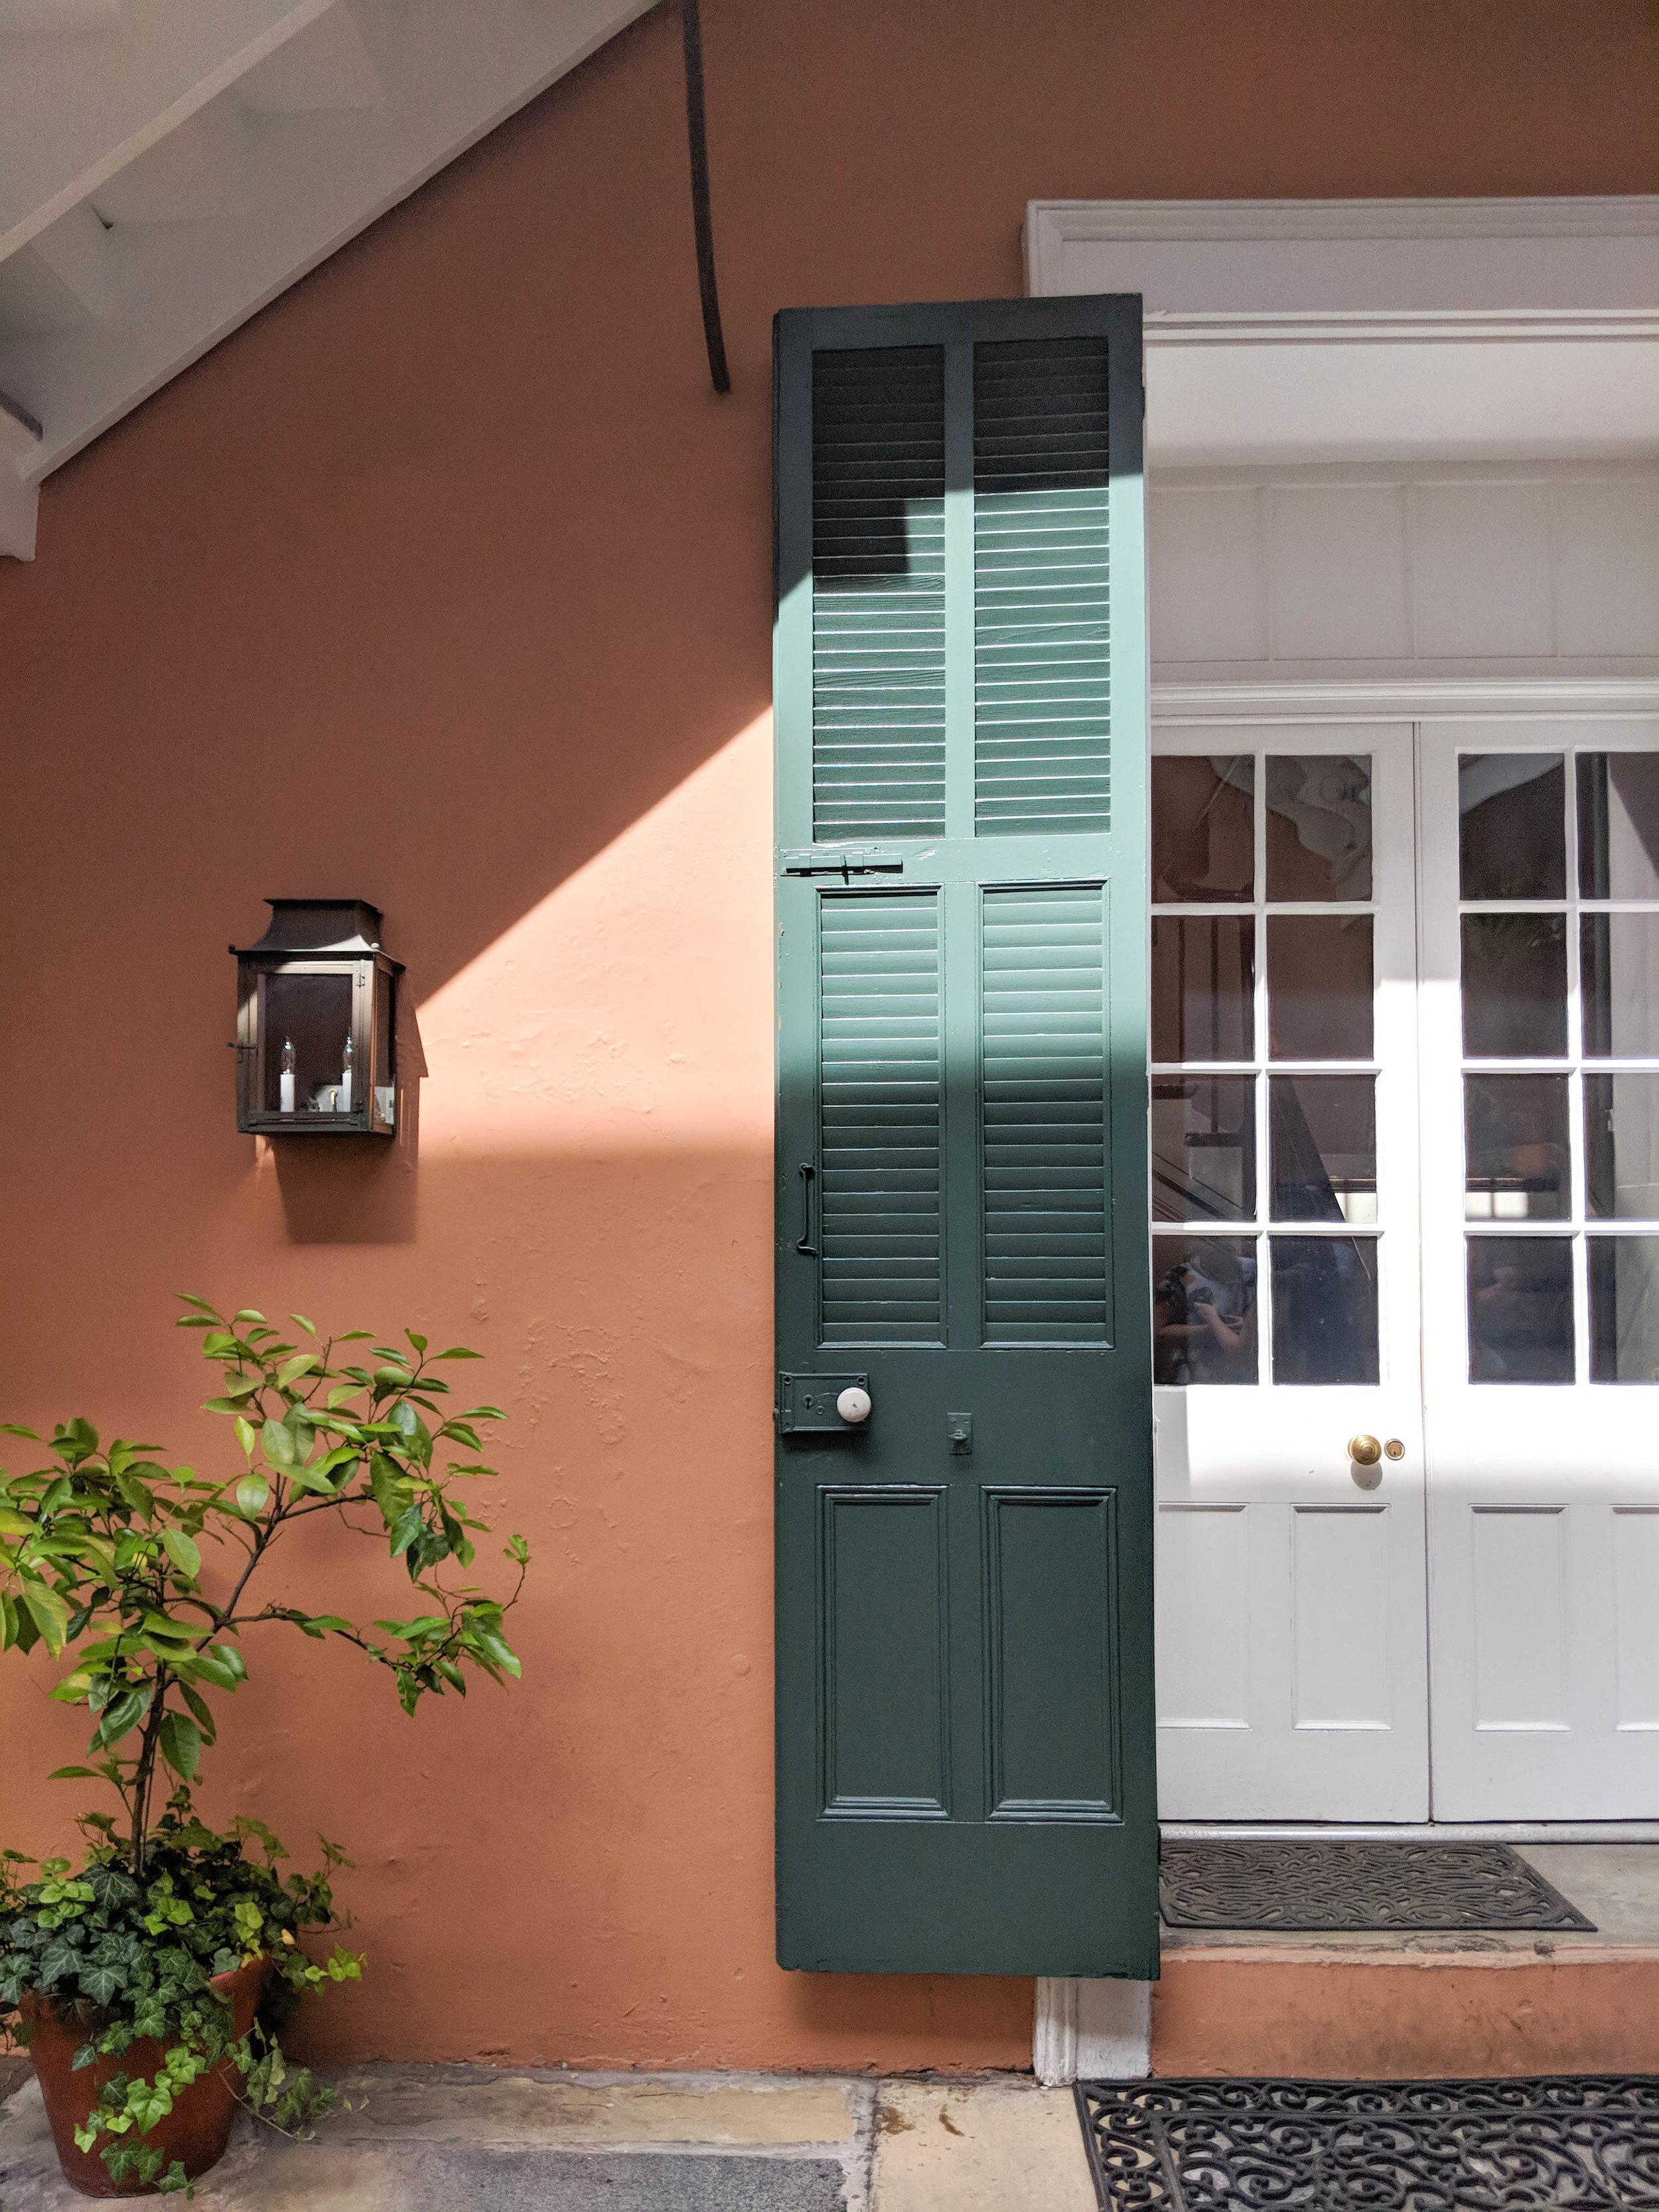 nola; new orleans; bri rinehart; architecture